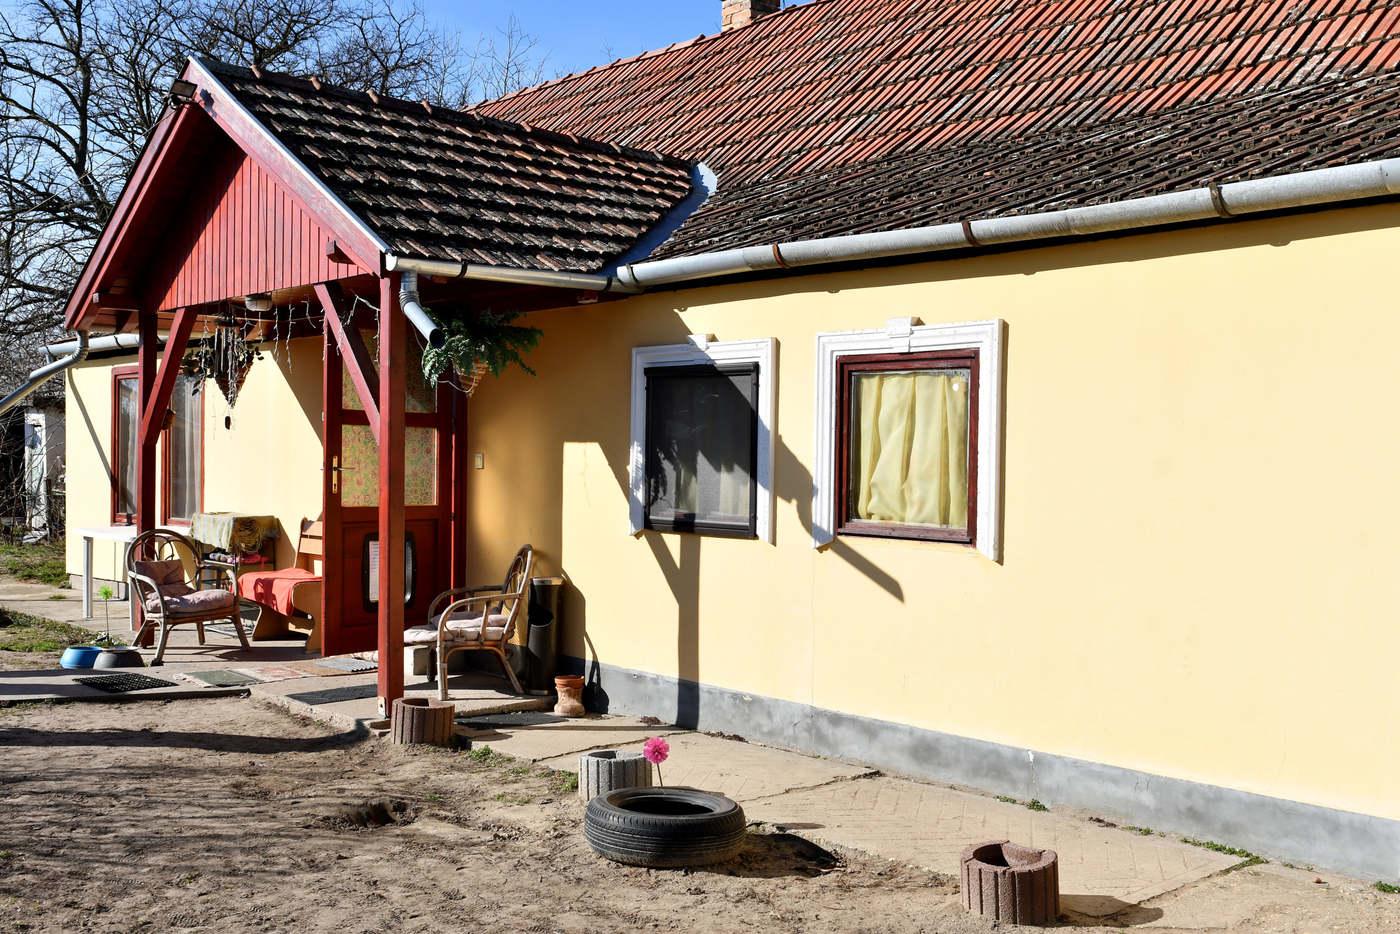 Ilyen volt a ház a felújítás előtt. Fotó: TV2